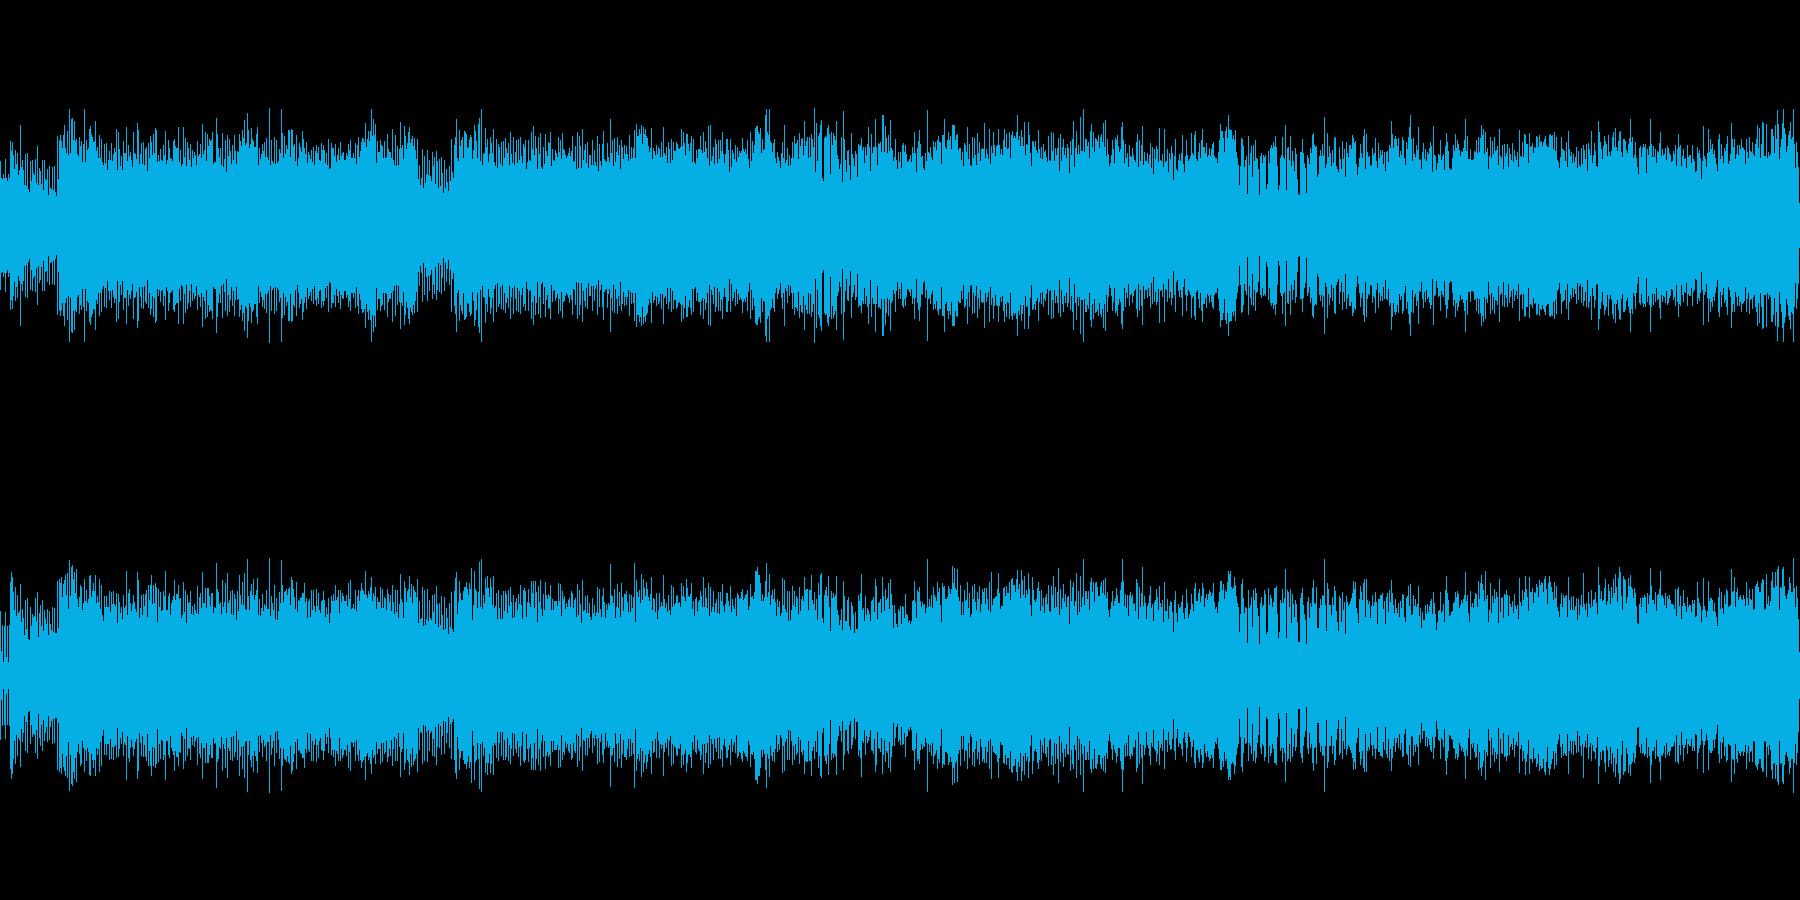 ロックハード戦闘格闘ゲームBGMループの再生済みの波形